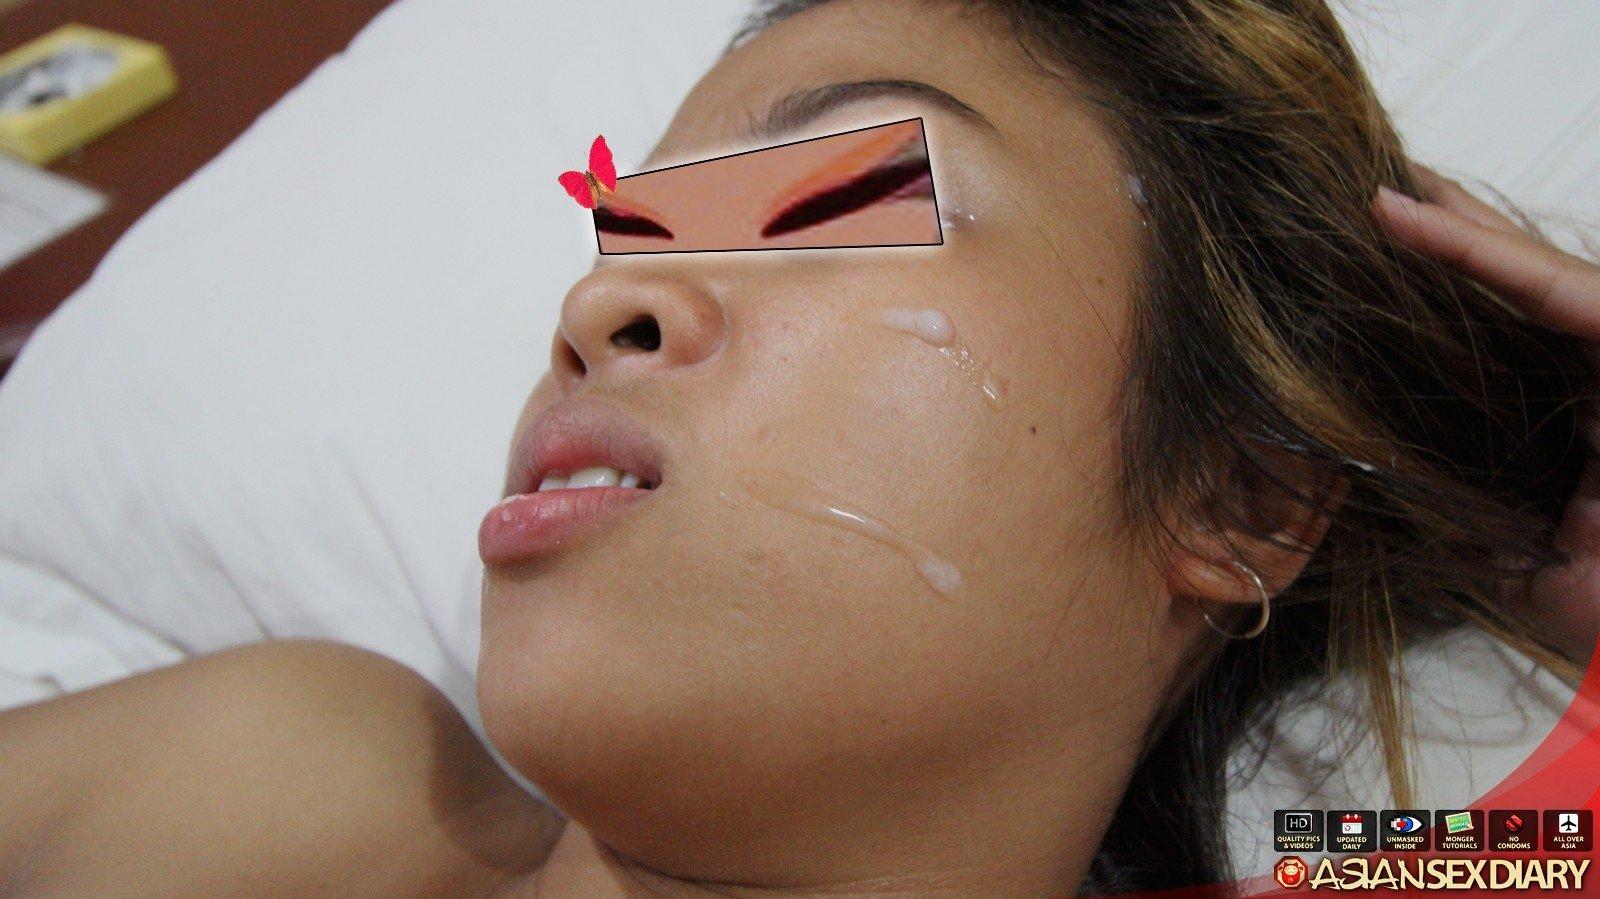 Азиатка скрывает свои глаза, зато показывает всё свое тело без стеснения – она обладает миниатюрной фигуркой